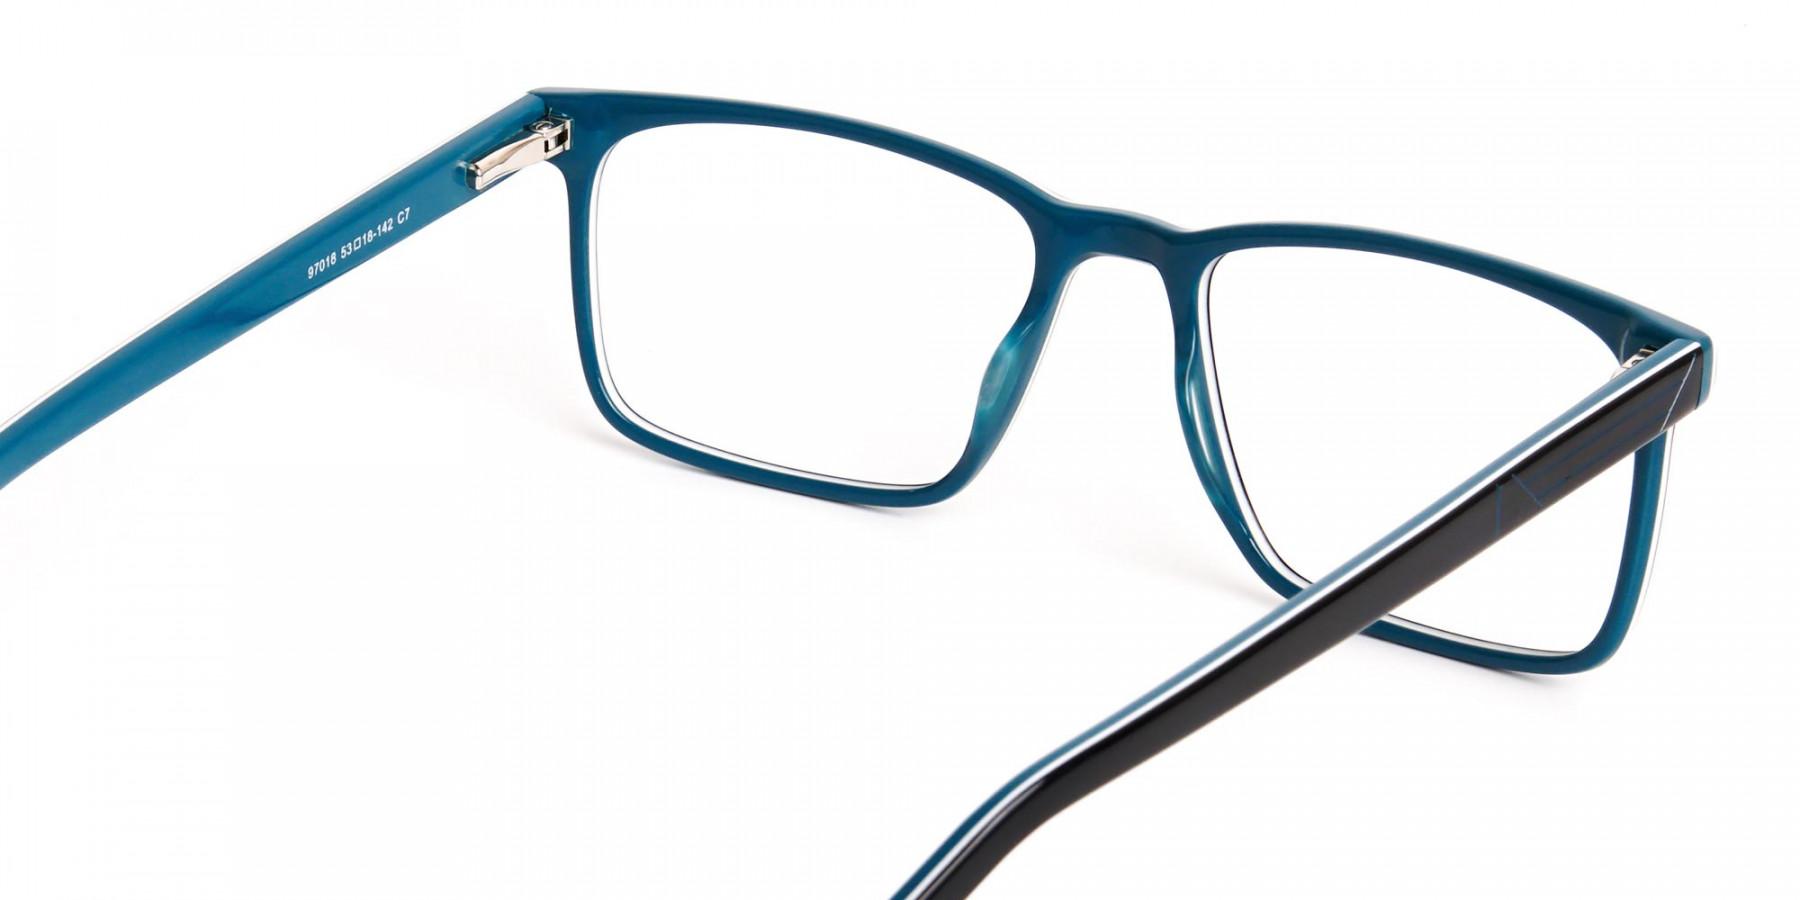 designer-Black-and-teal rectangular-glasses-frames-1